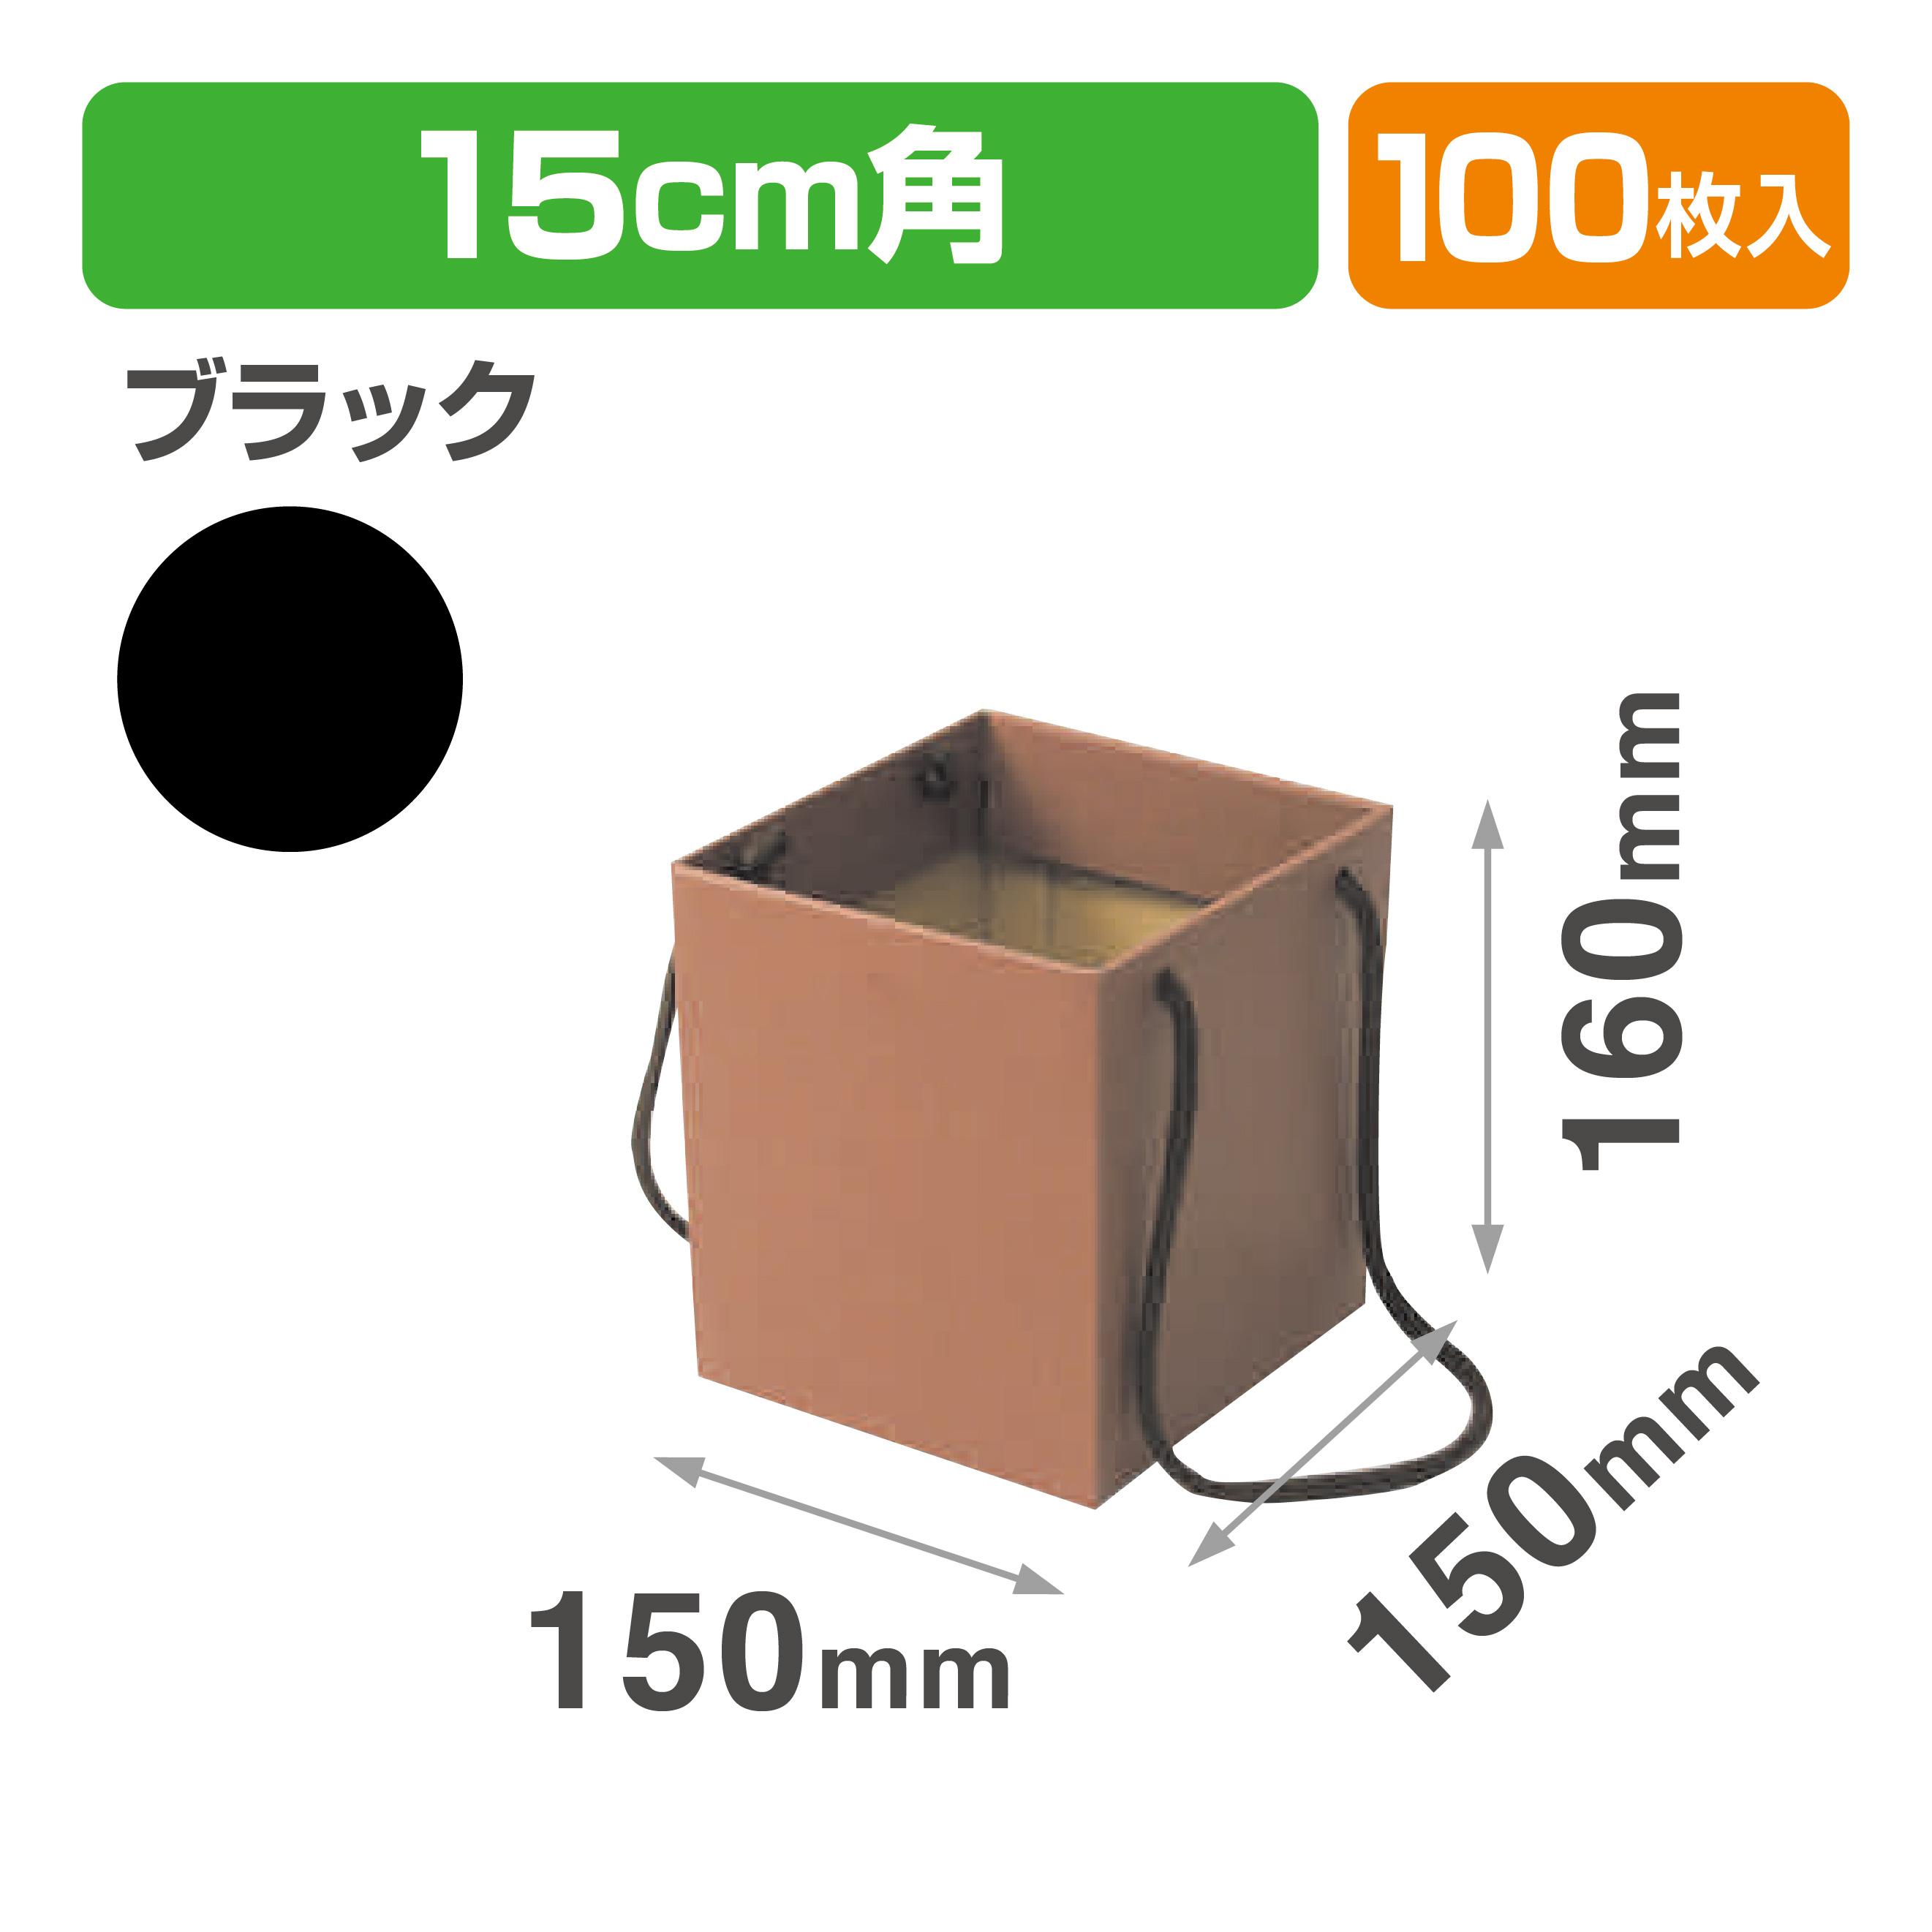 ミニブーケキャリー150(ブラック)